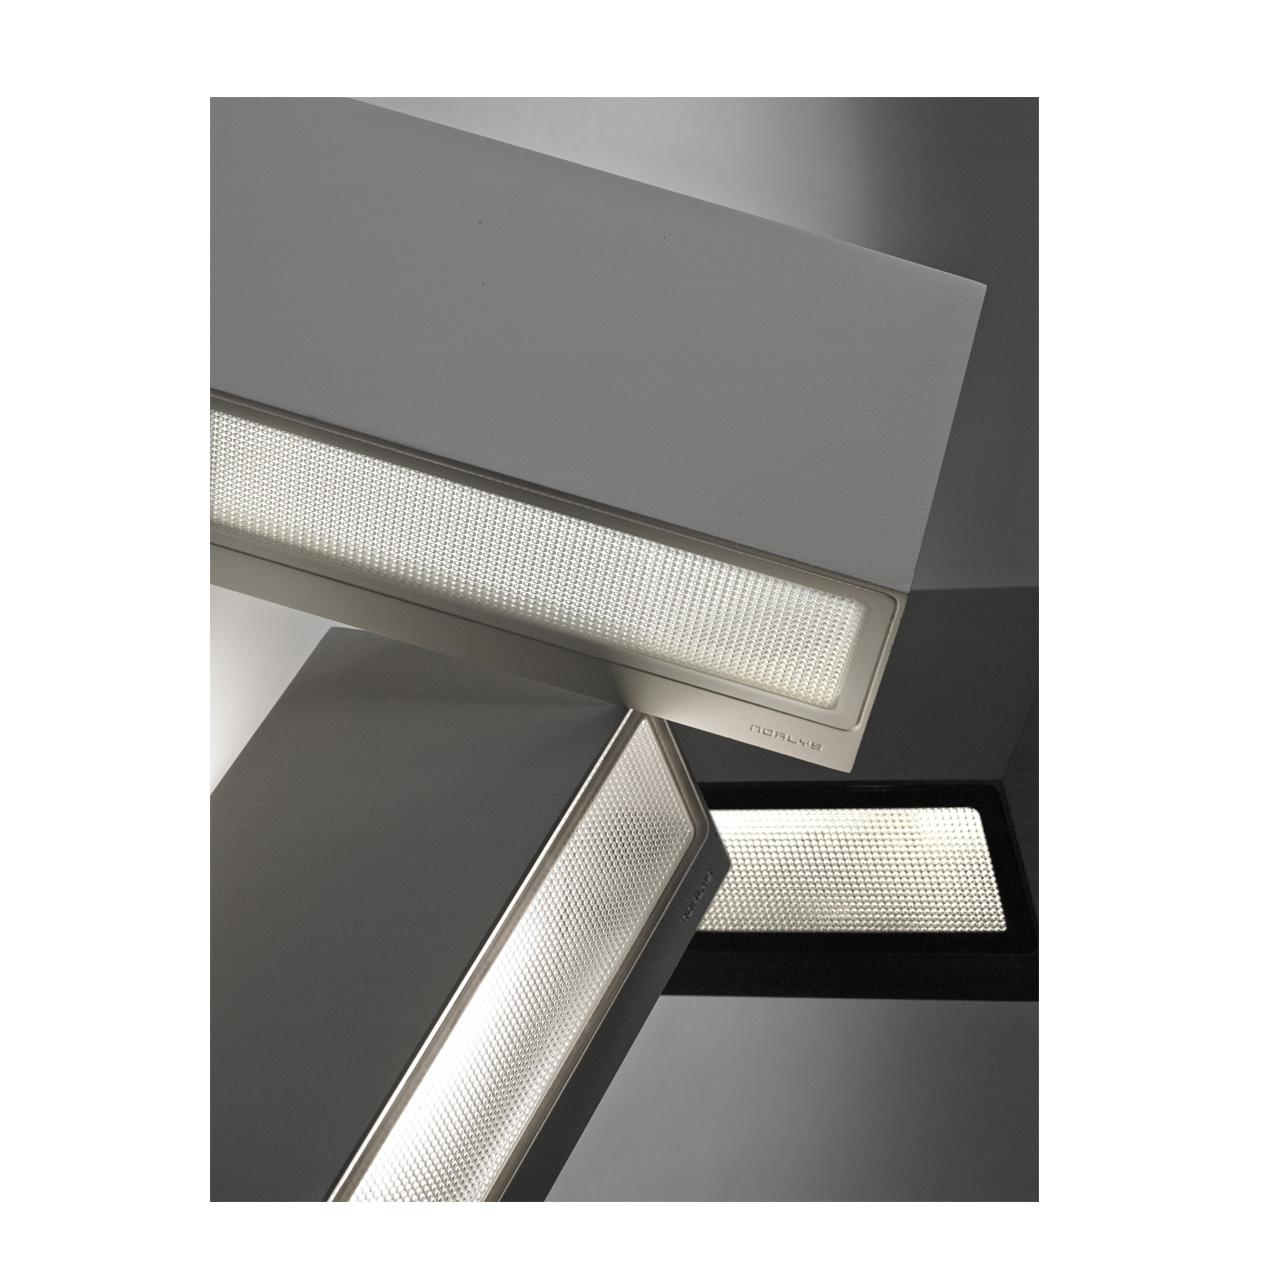 Applique Extérieure Eclairage Haut Et Bas applique extérieure gris anthracite éclairage haut et bas